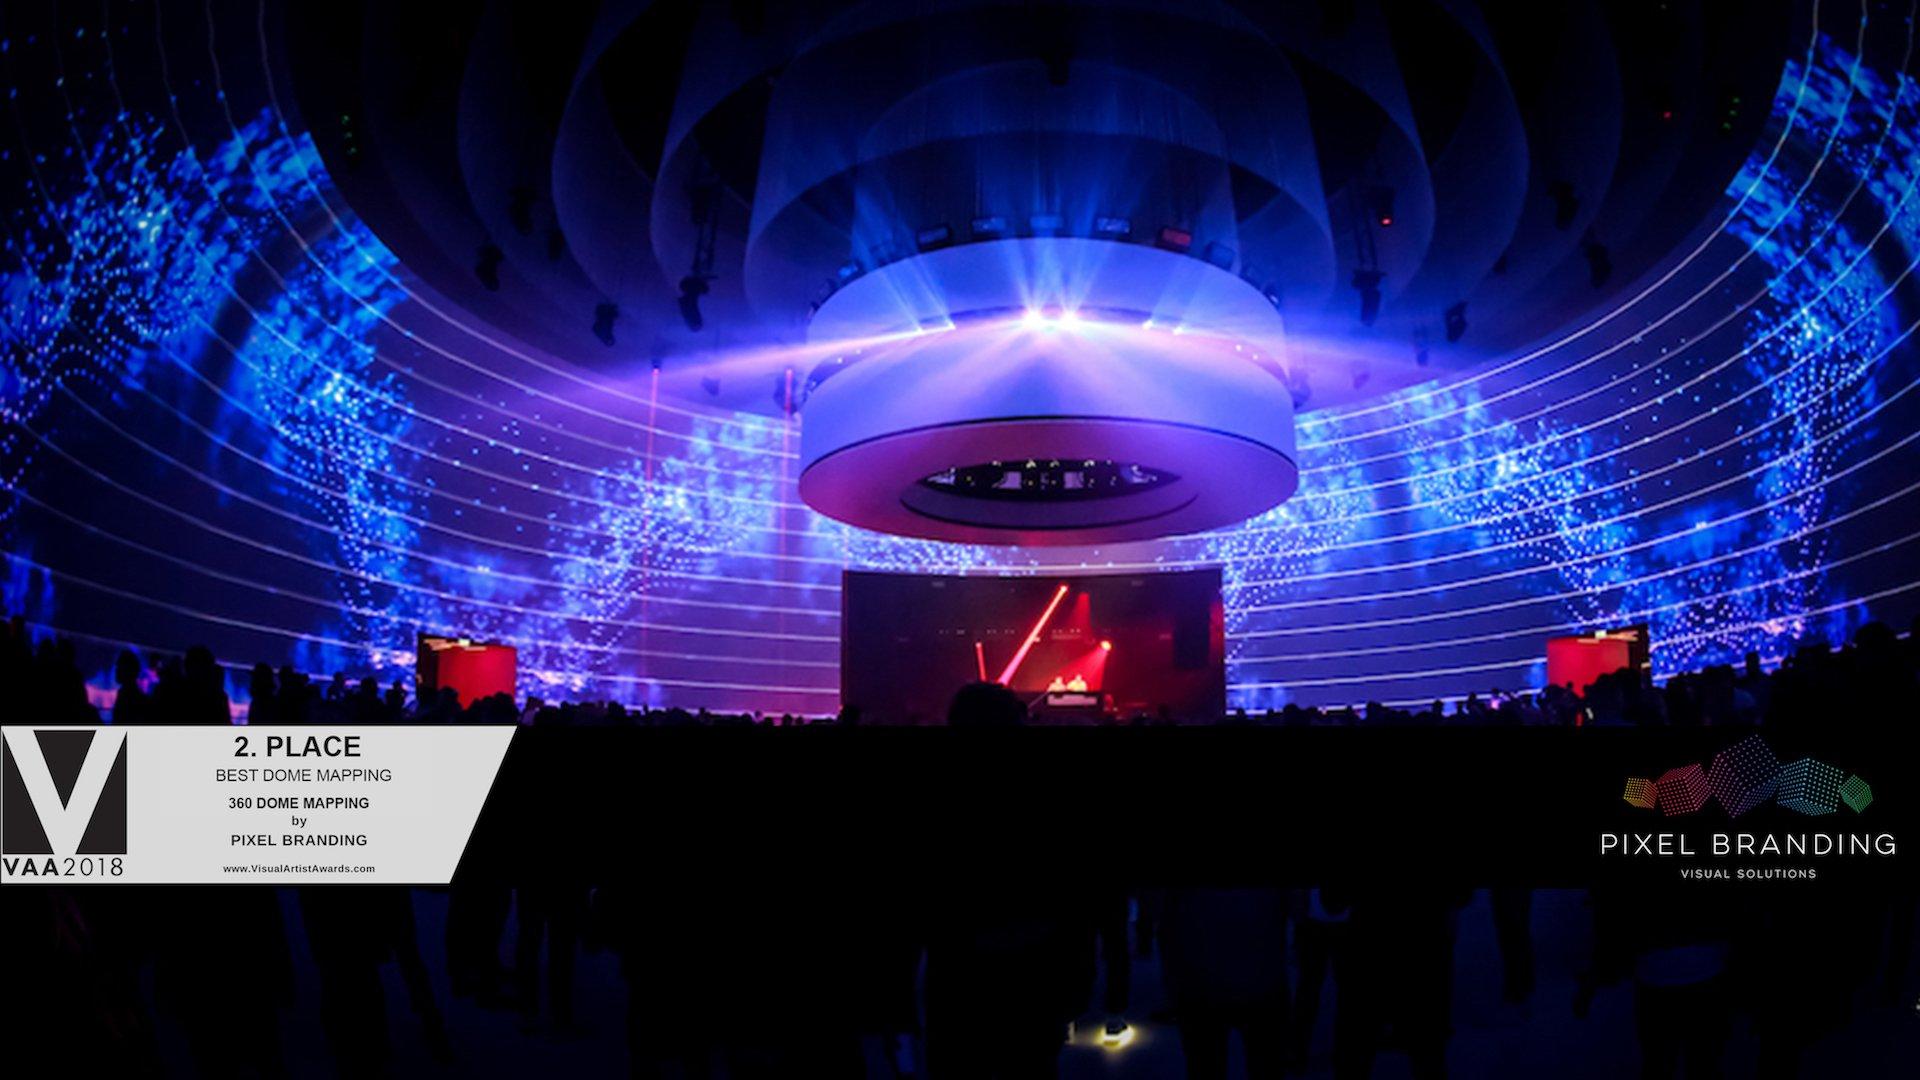 11_Pixel_Startseite_VAA-Dome2